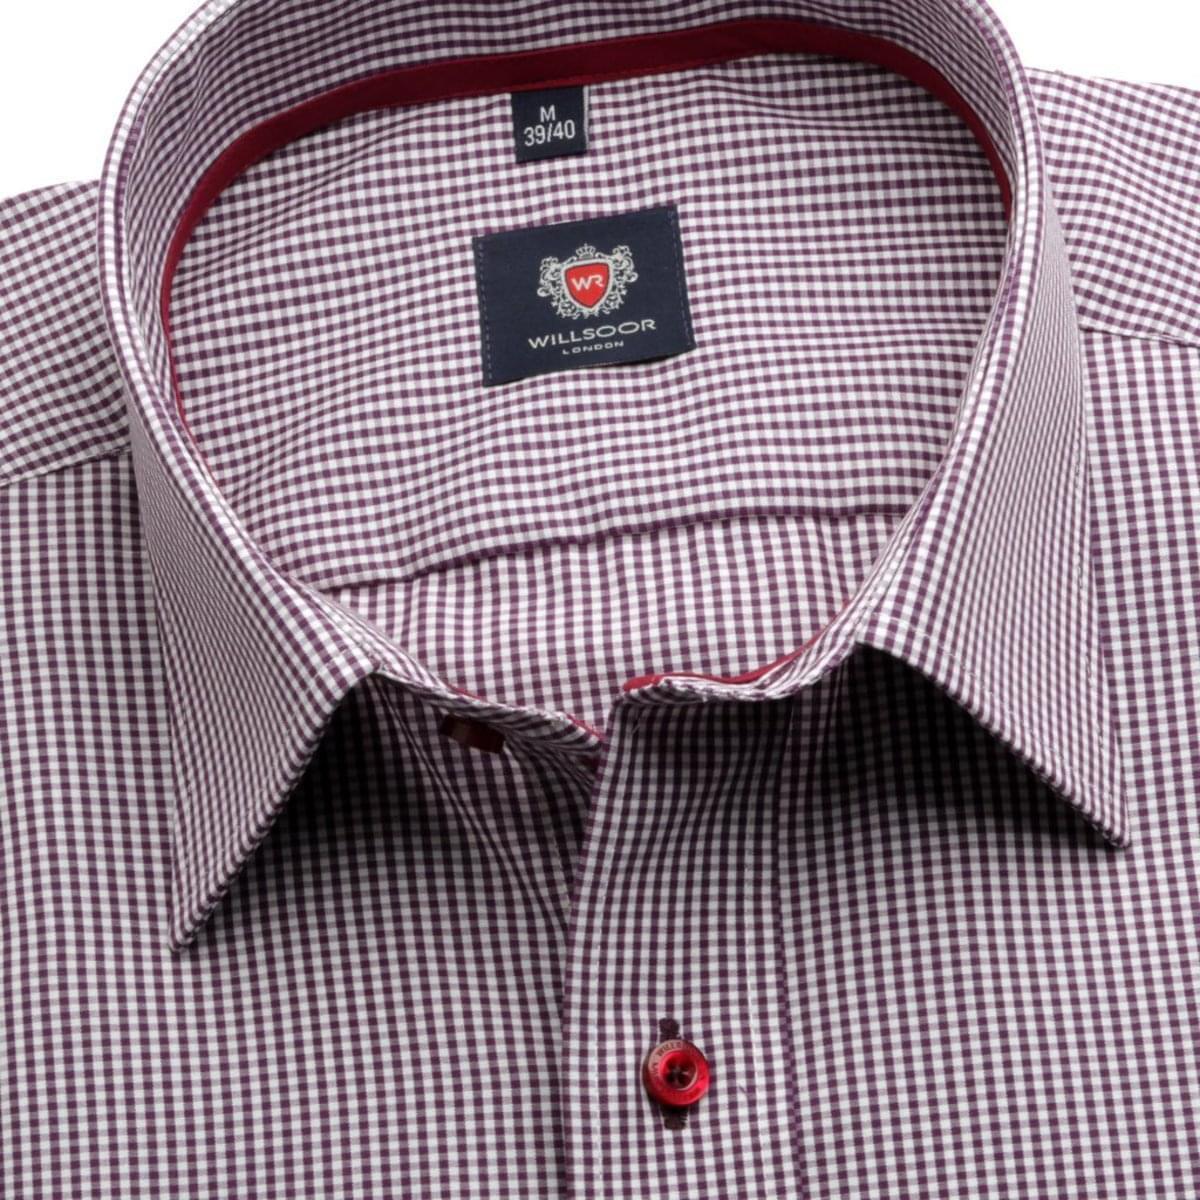 Pánská košile London (výška 176-182) 5870 s kostkou 176-182 / XL (43/44)